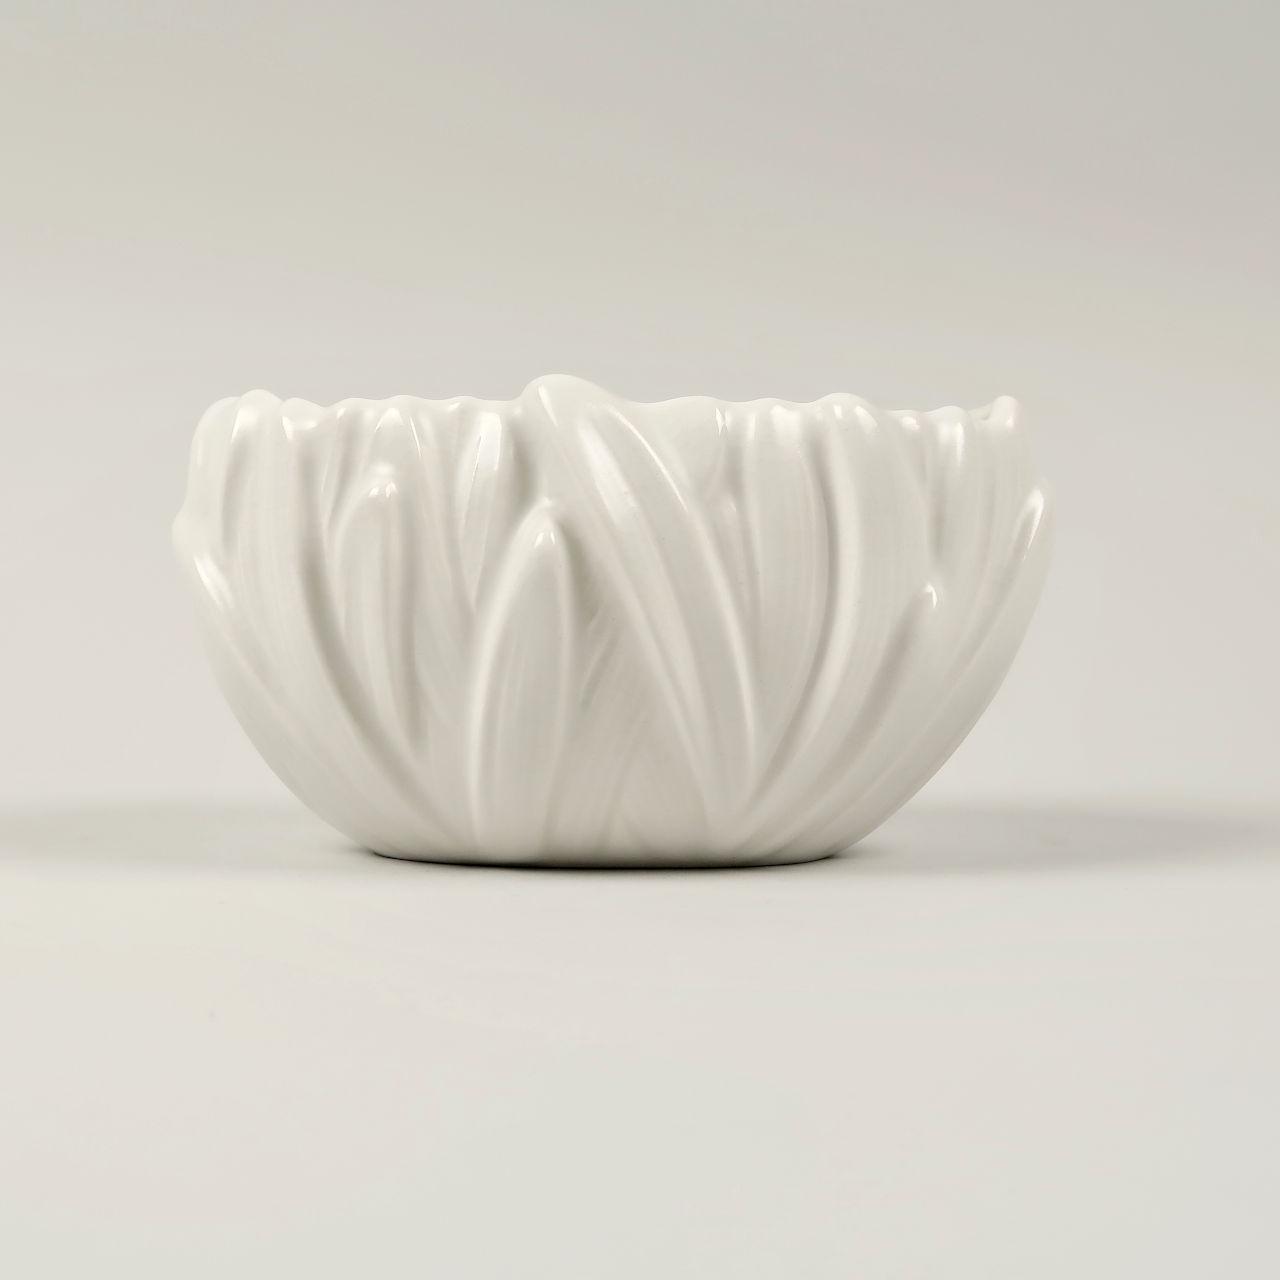 Sylvac Hyacinth Vase